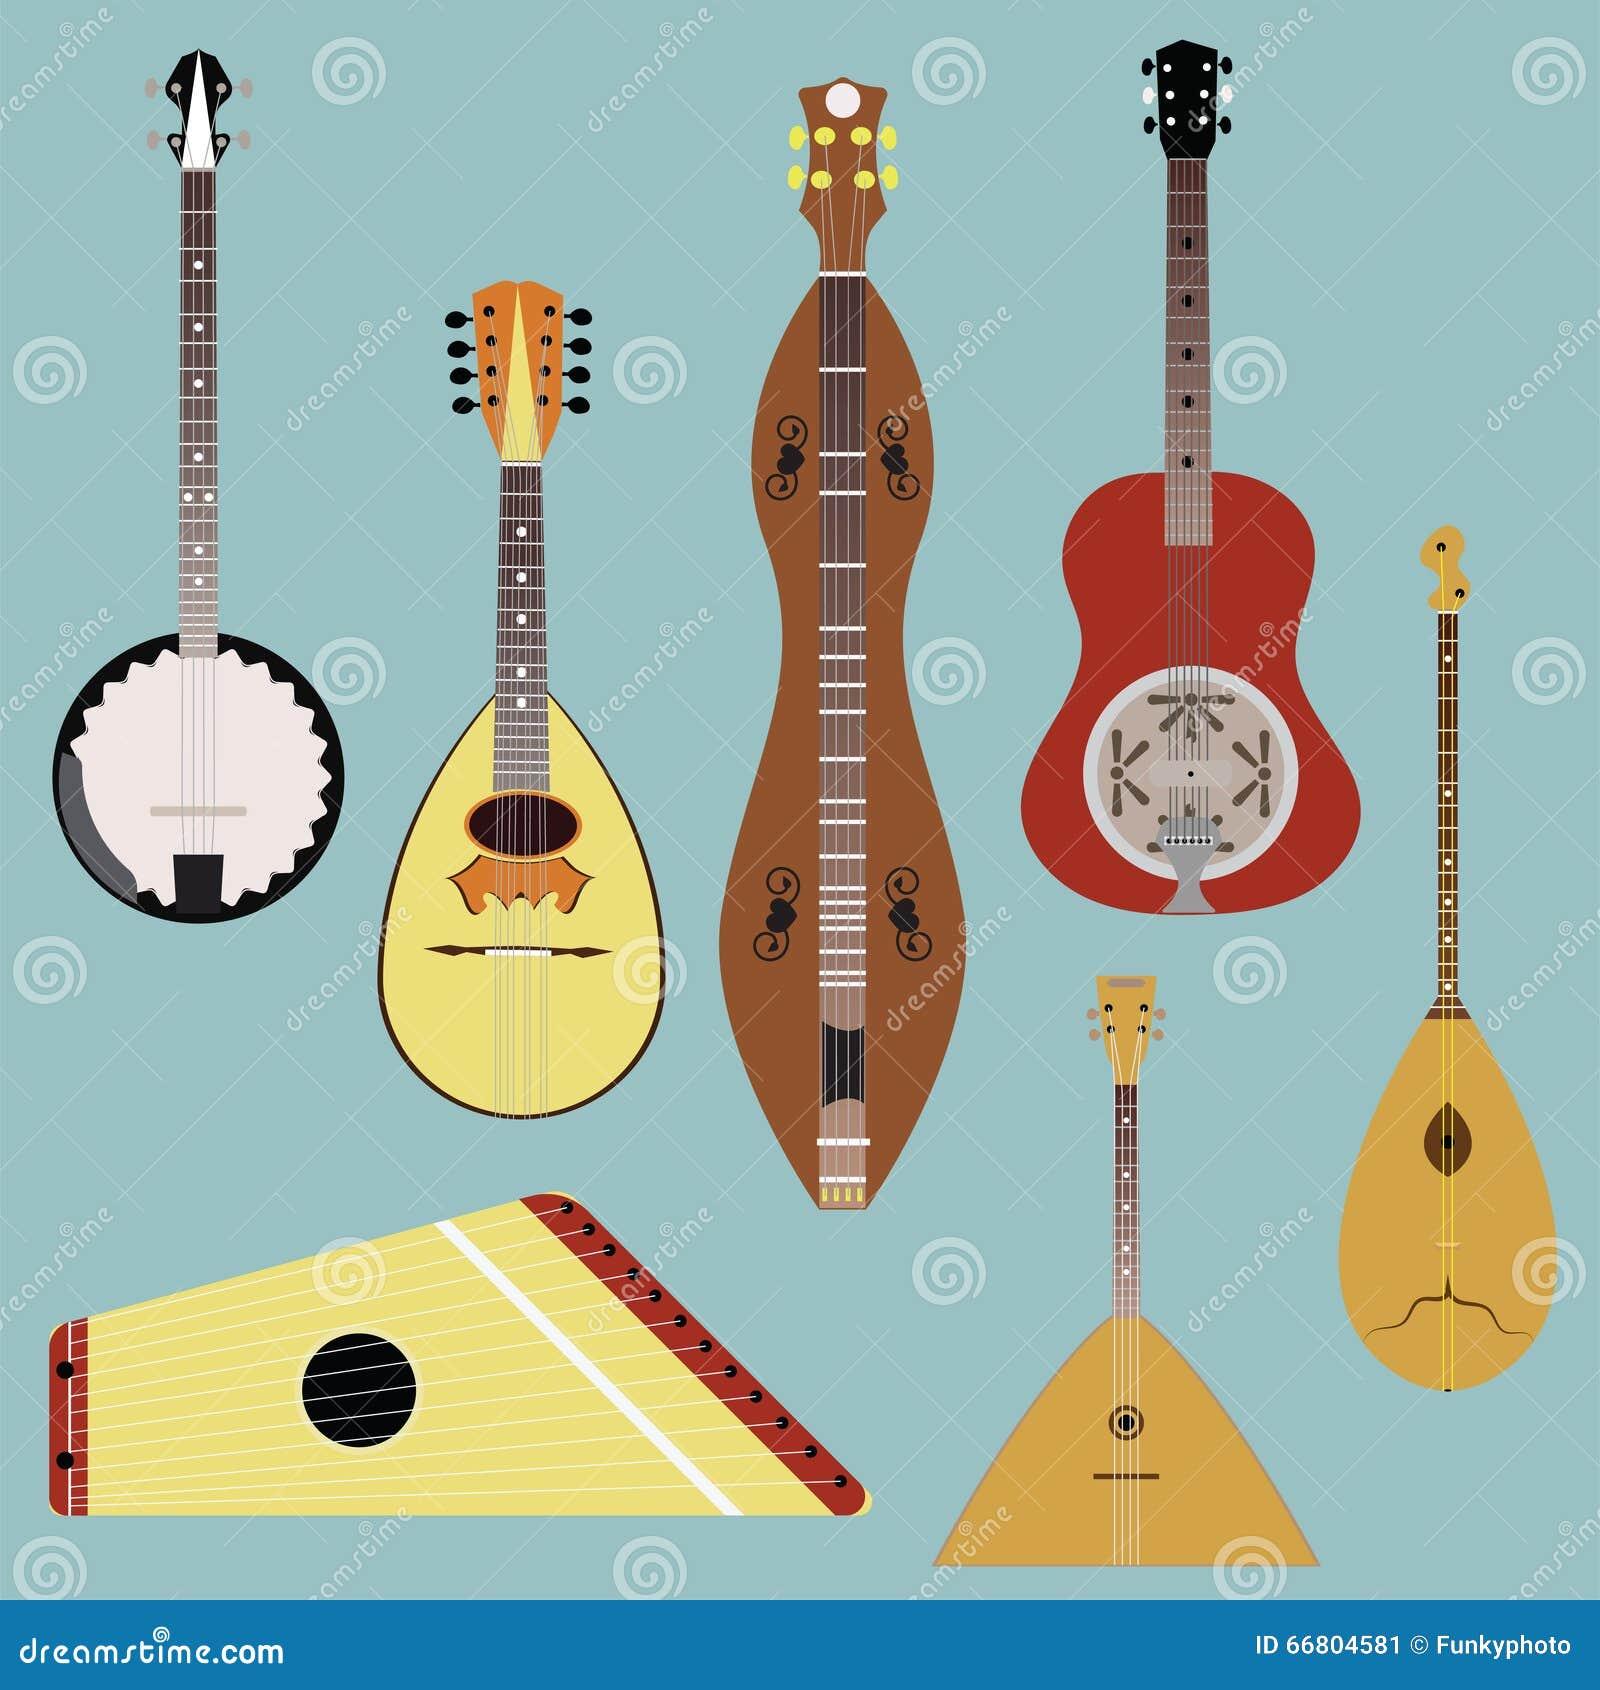 Music: Russian Folk Music Instruments Vector Illustration